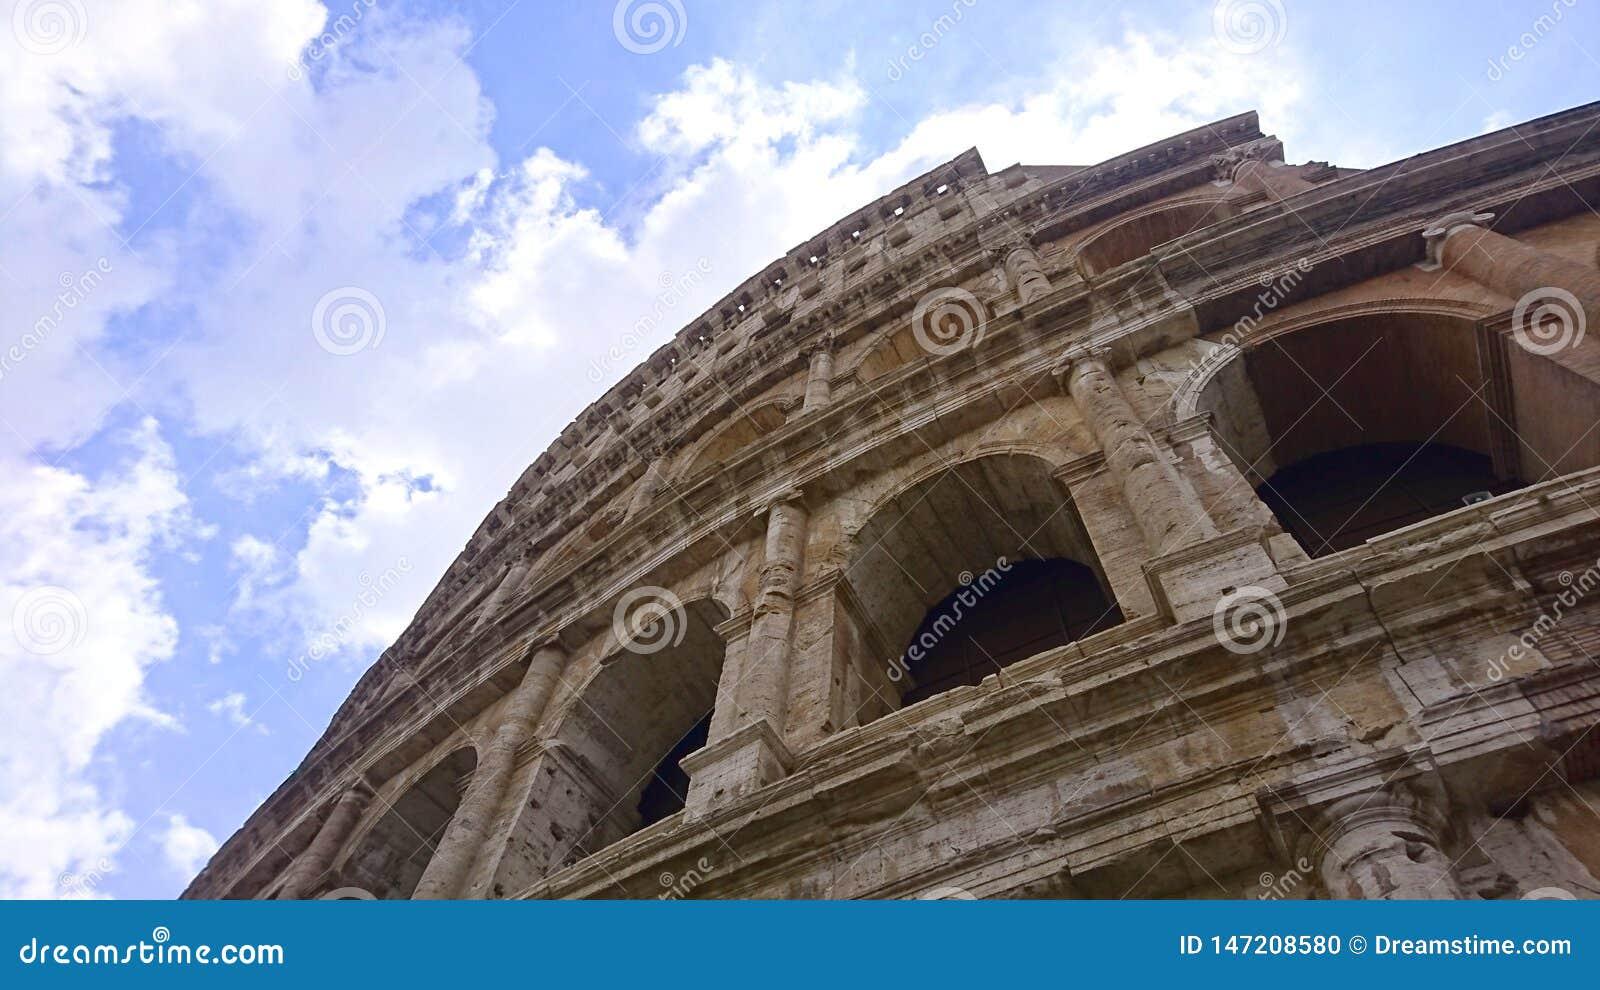 Vista acima através da fachada do Colosseum em Roma